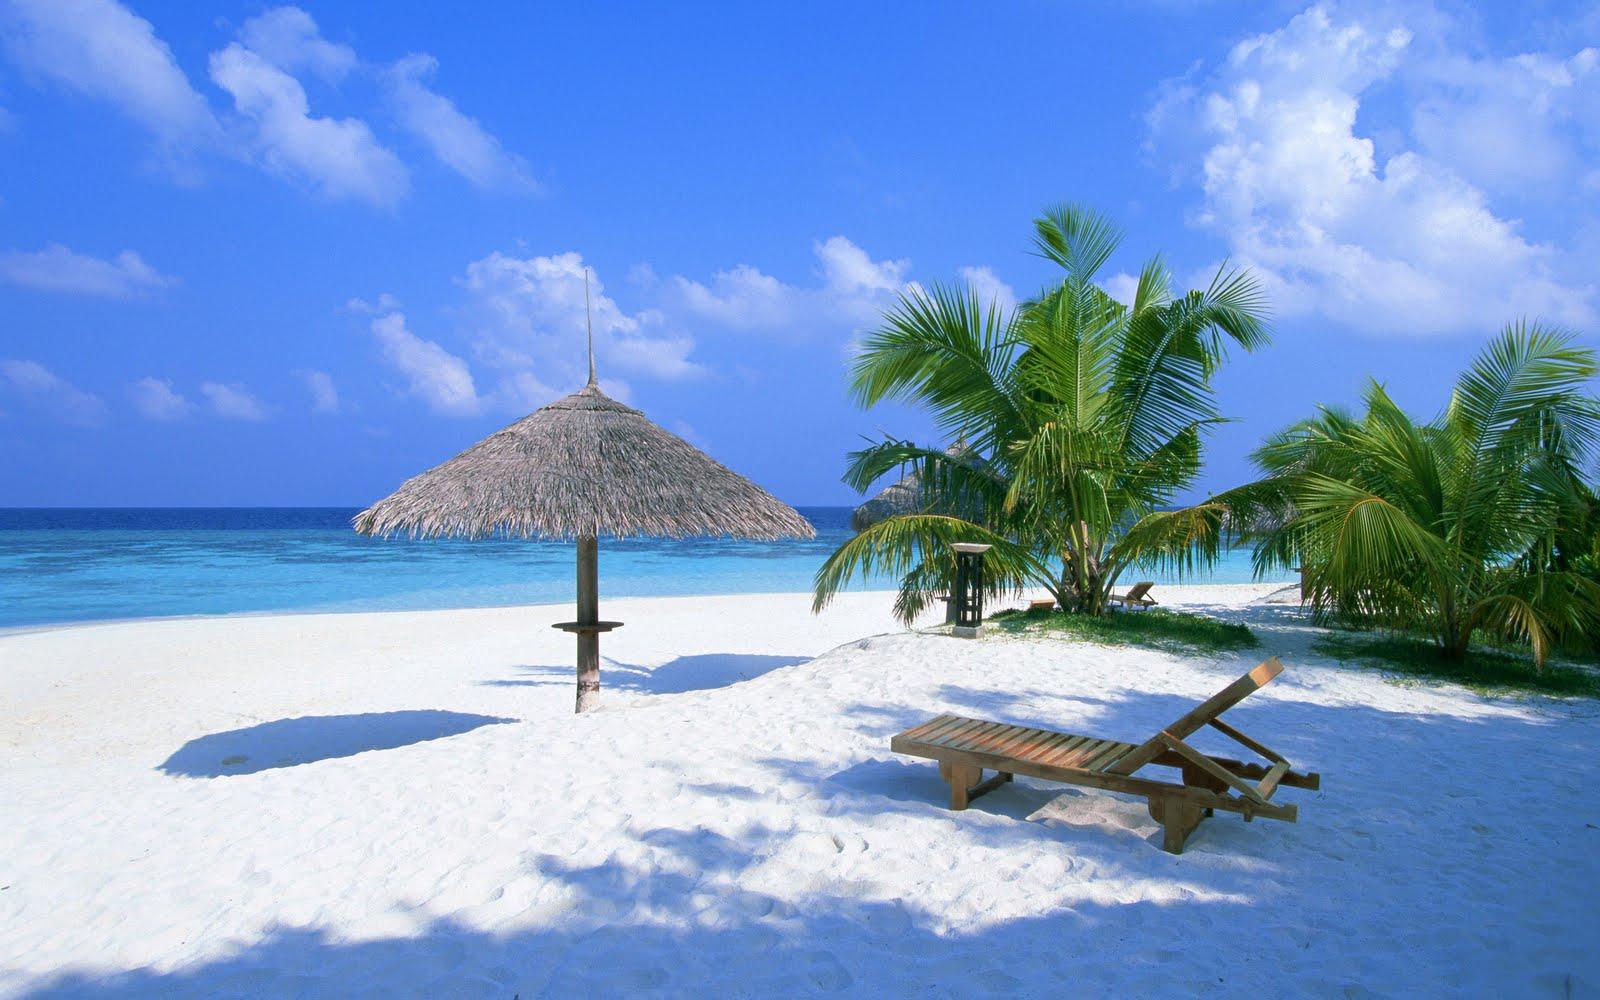 بالصور بالصور جزر المالديف , تفاصيل عن جزر المالديف unnamed file 175